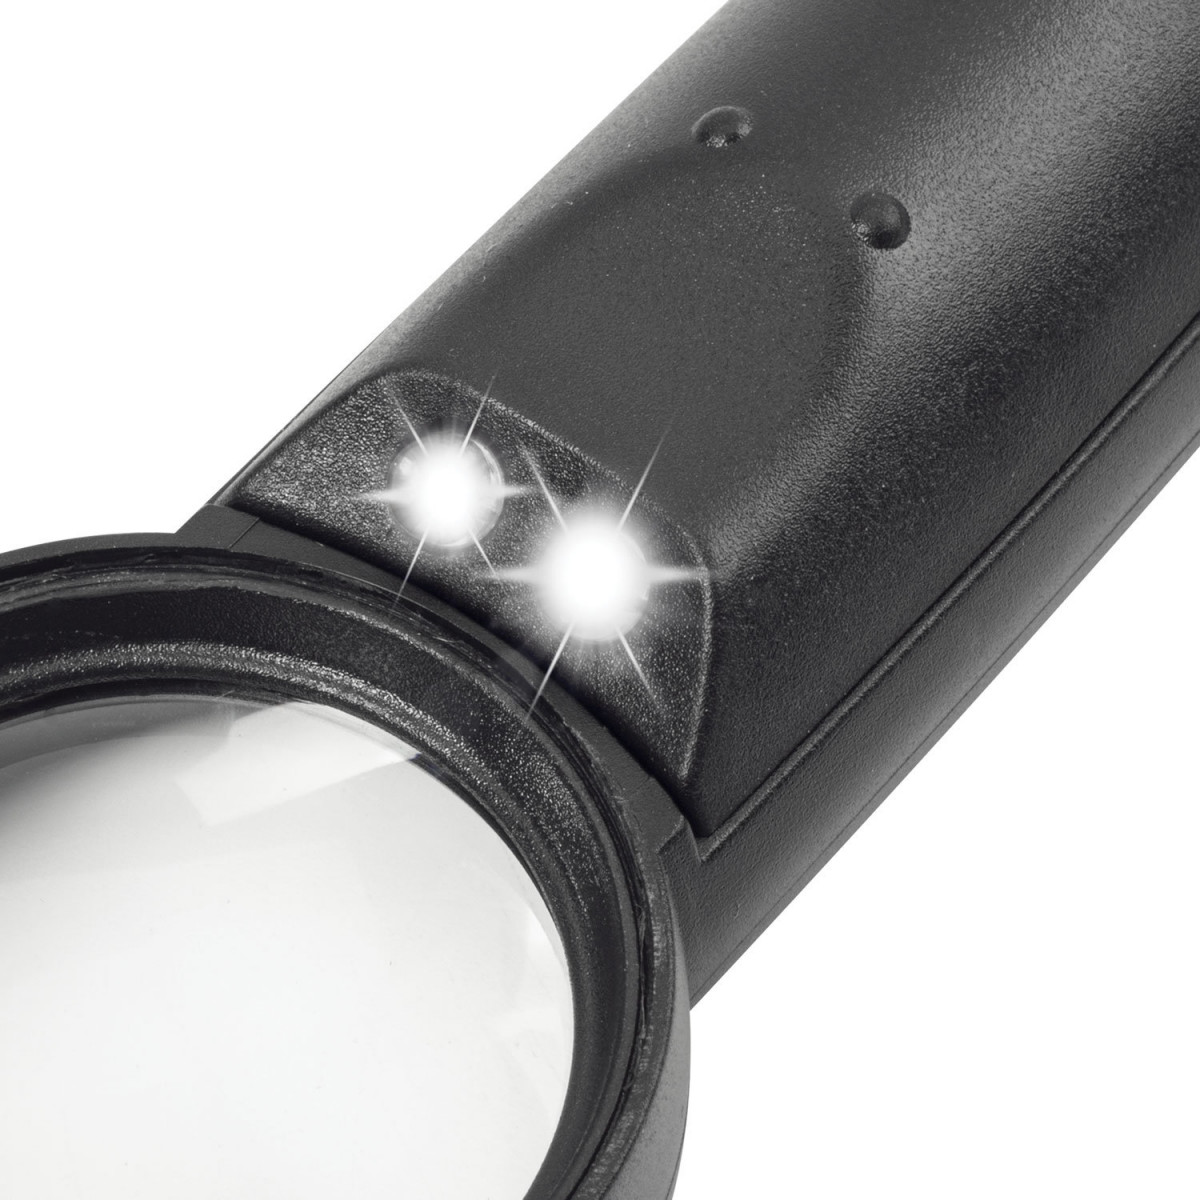 Лупа просмотровая BRAUBERG, С ПОДСВЕТКОЙ, диаметр 37 мм, увеличение 8, корпус черный, 454127 (арт. 454127)